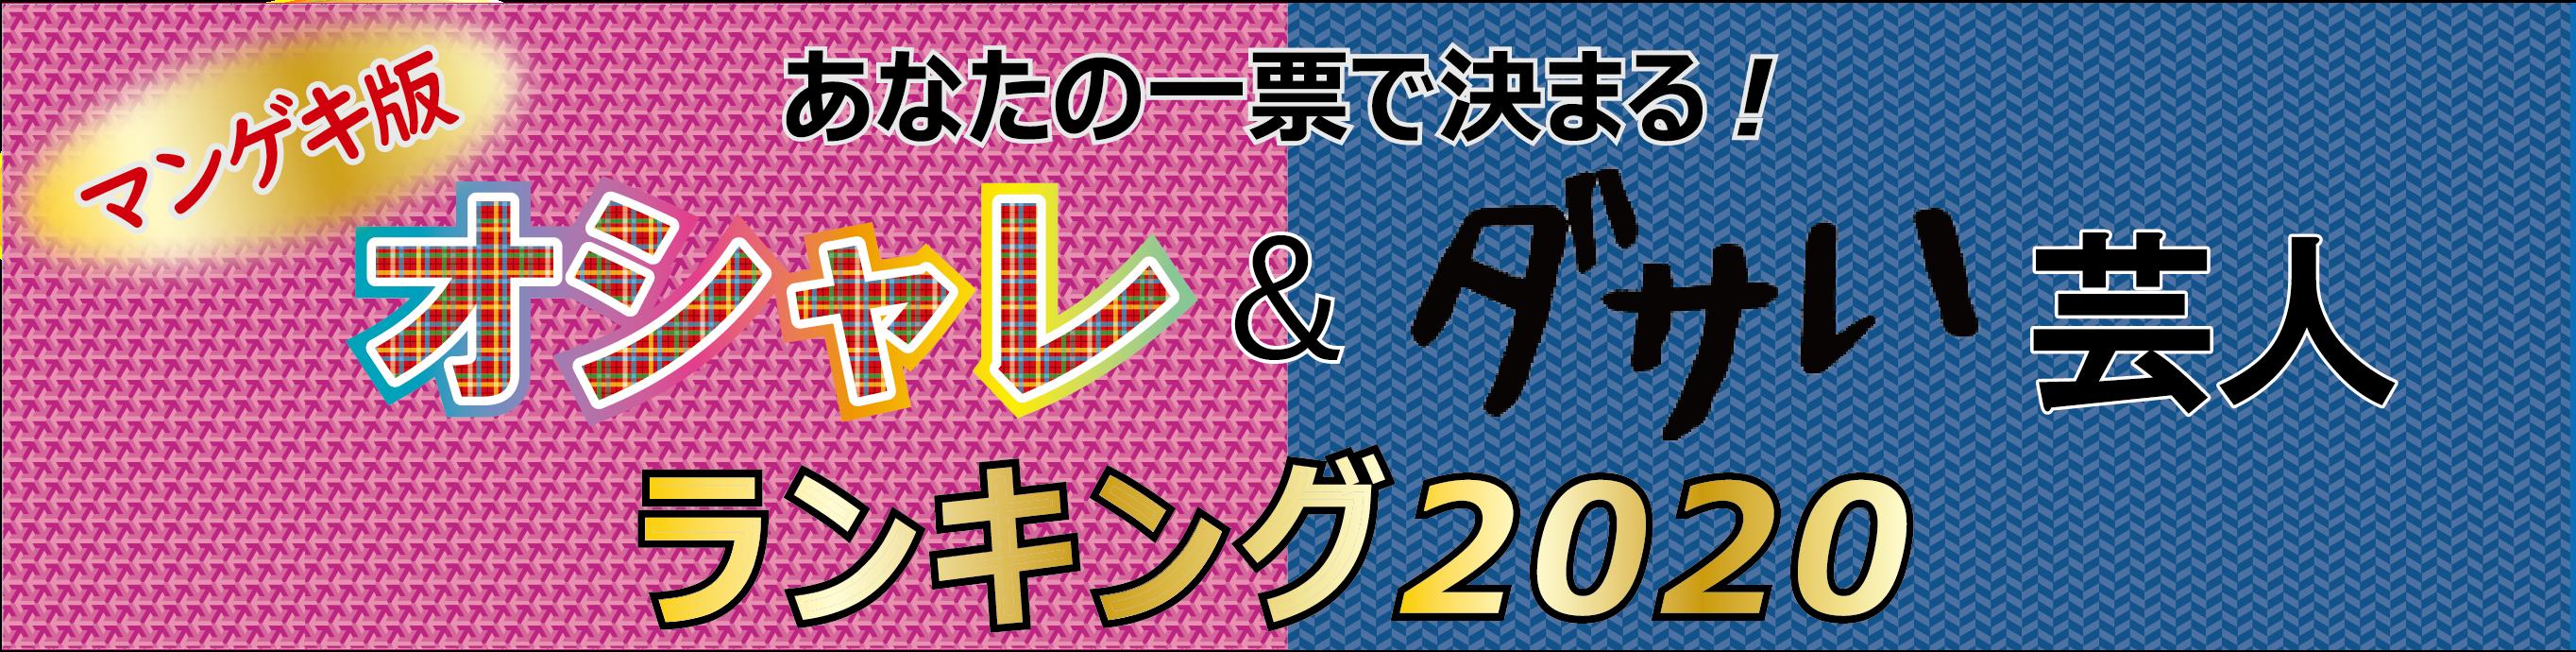 ランキング 芸人 2020 イケメン